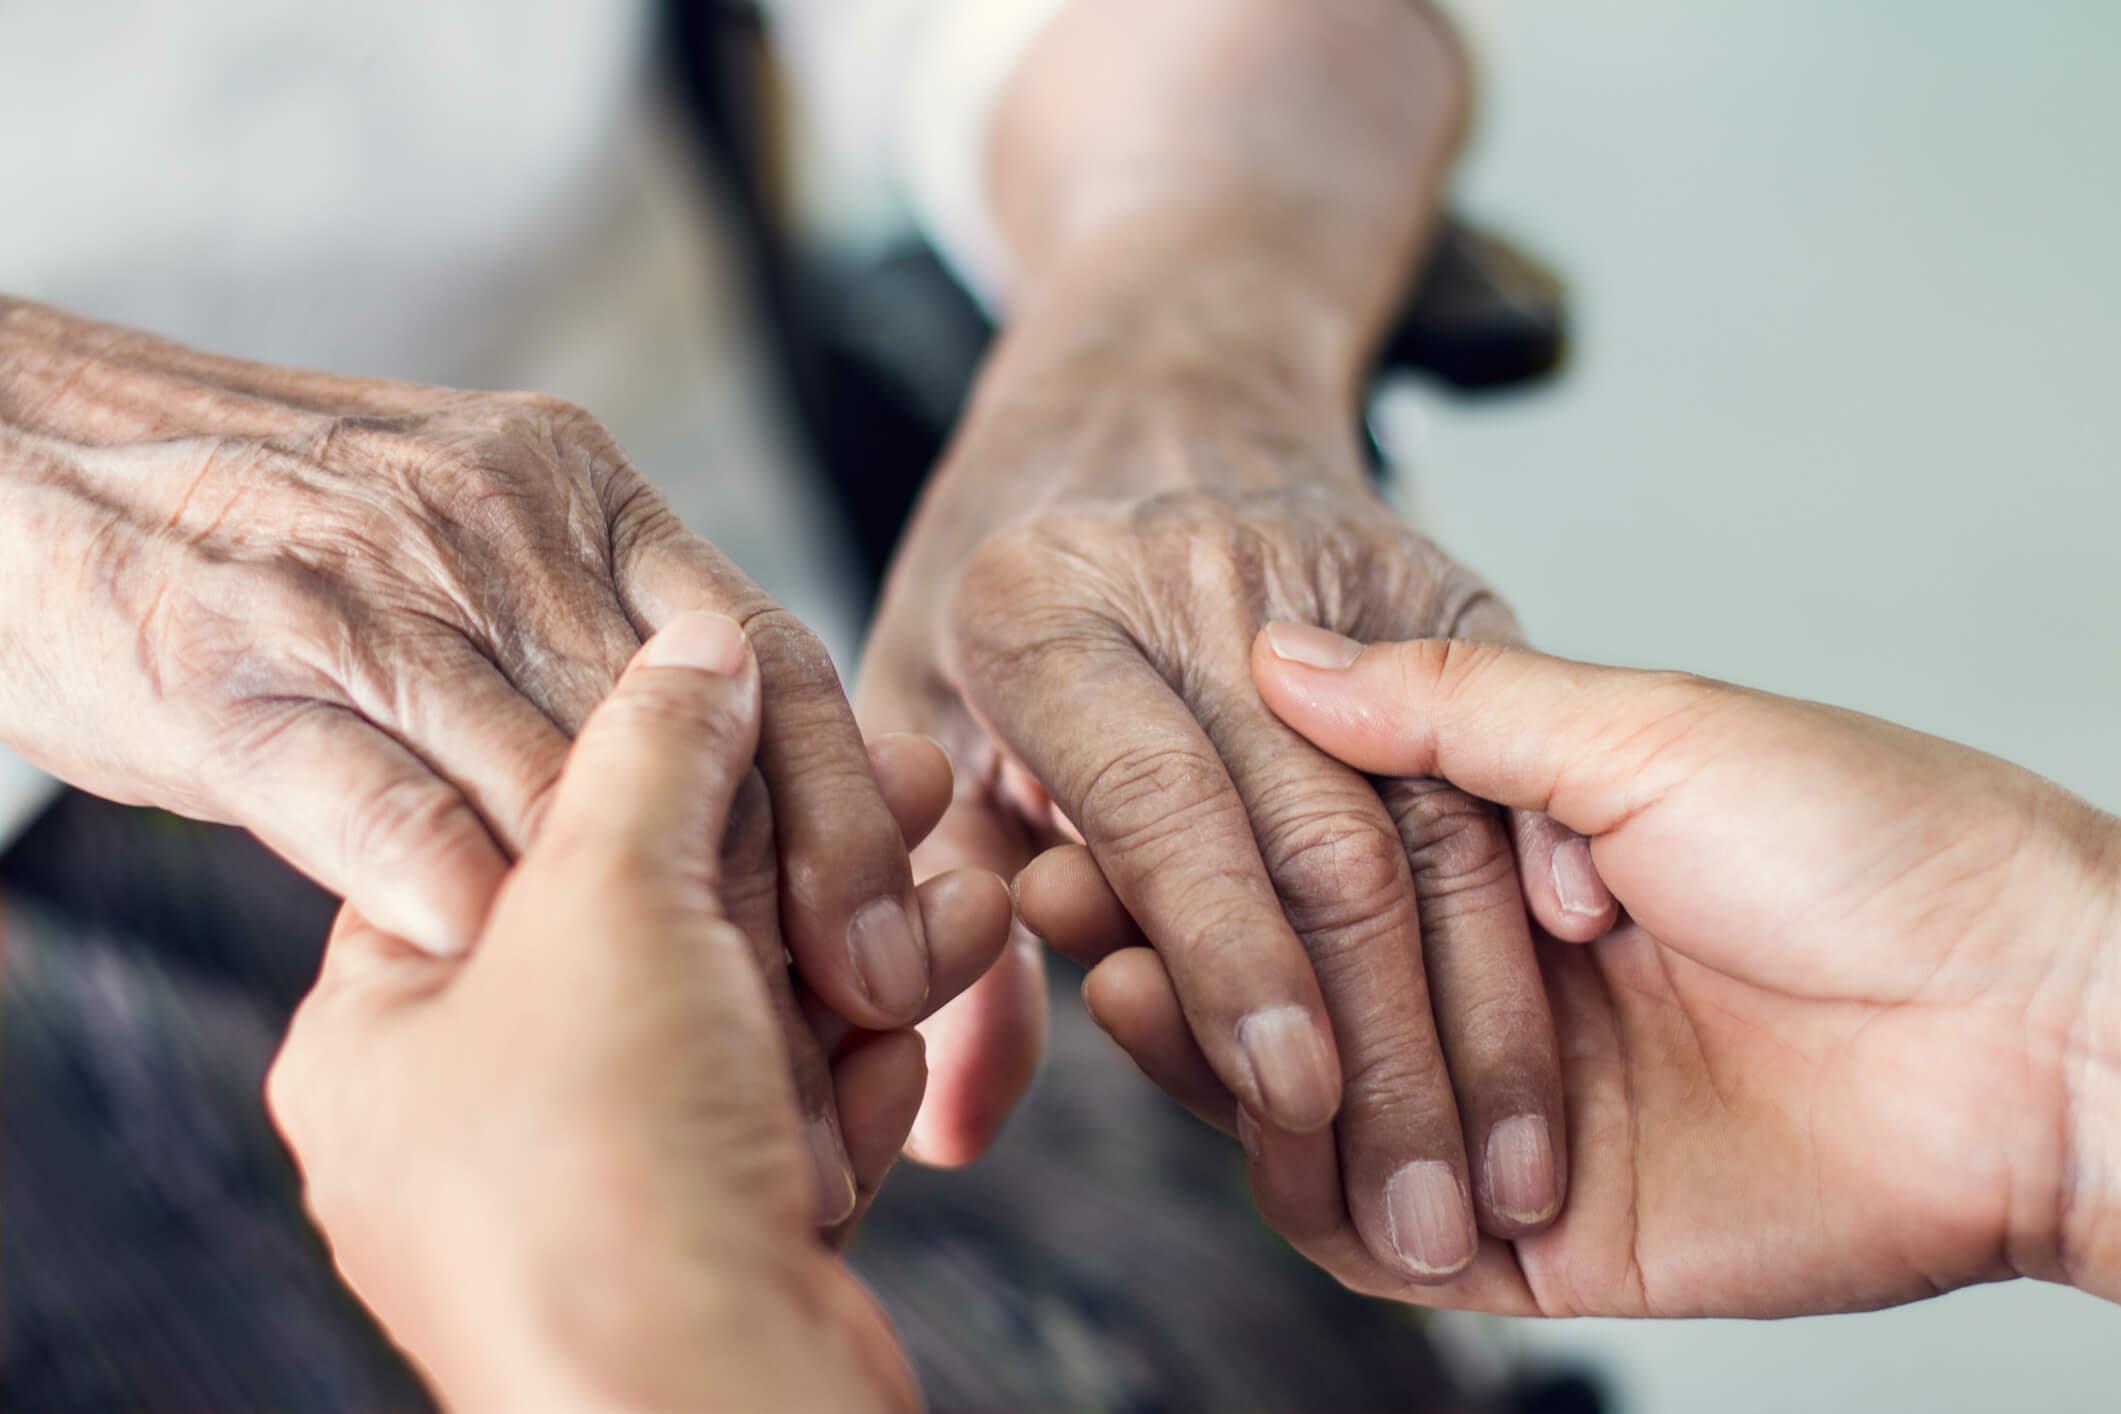 Junge Hände halten ältere Hände.